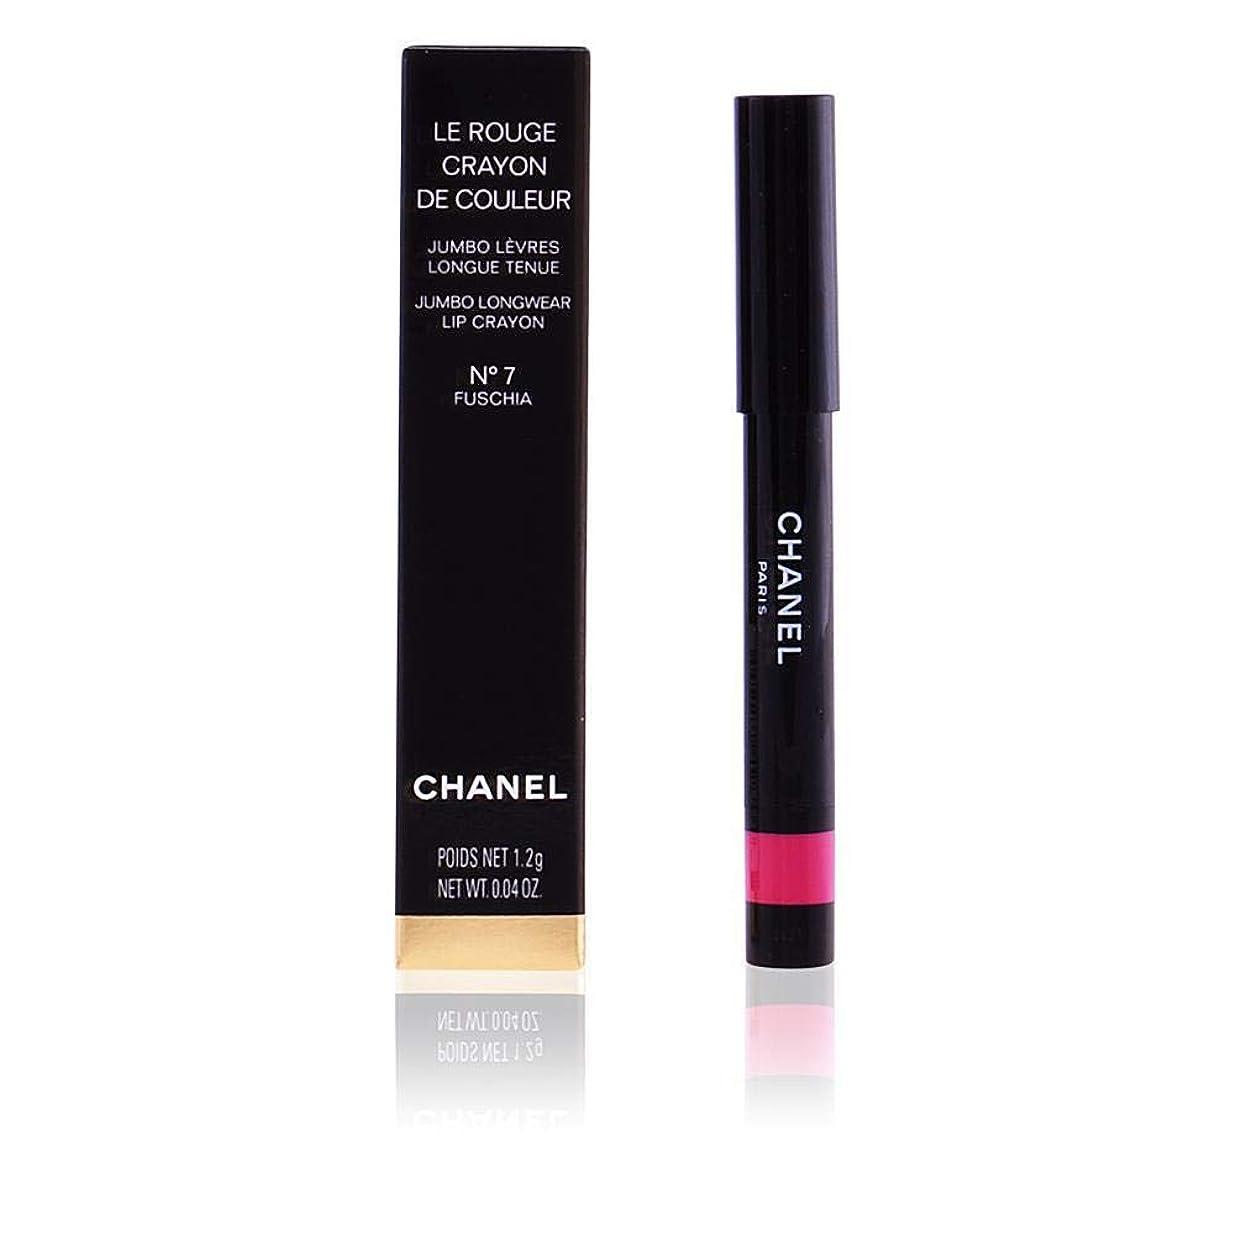 土地不明瞭どれシャネル Le Rouge Crayon De Couleur Jumbo Longwear Lip Crayon - # 2 Rose Violine 1.2g/0.04oz並行輸入品